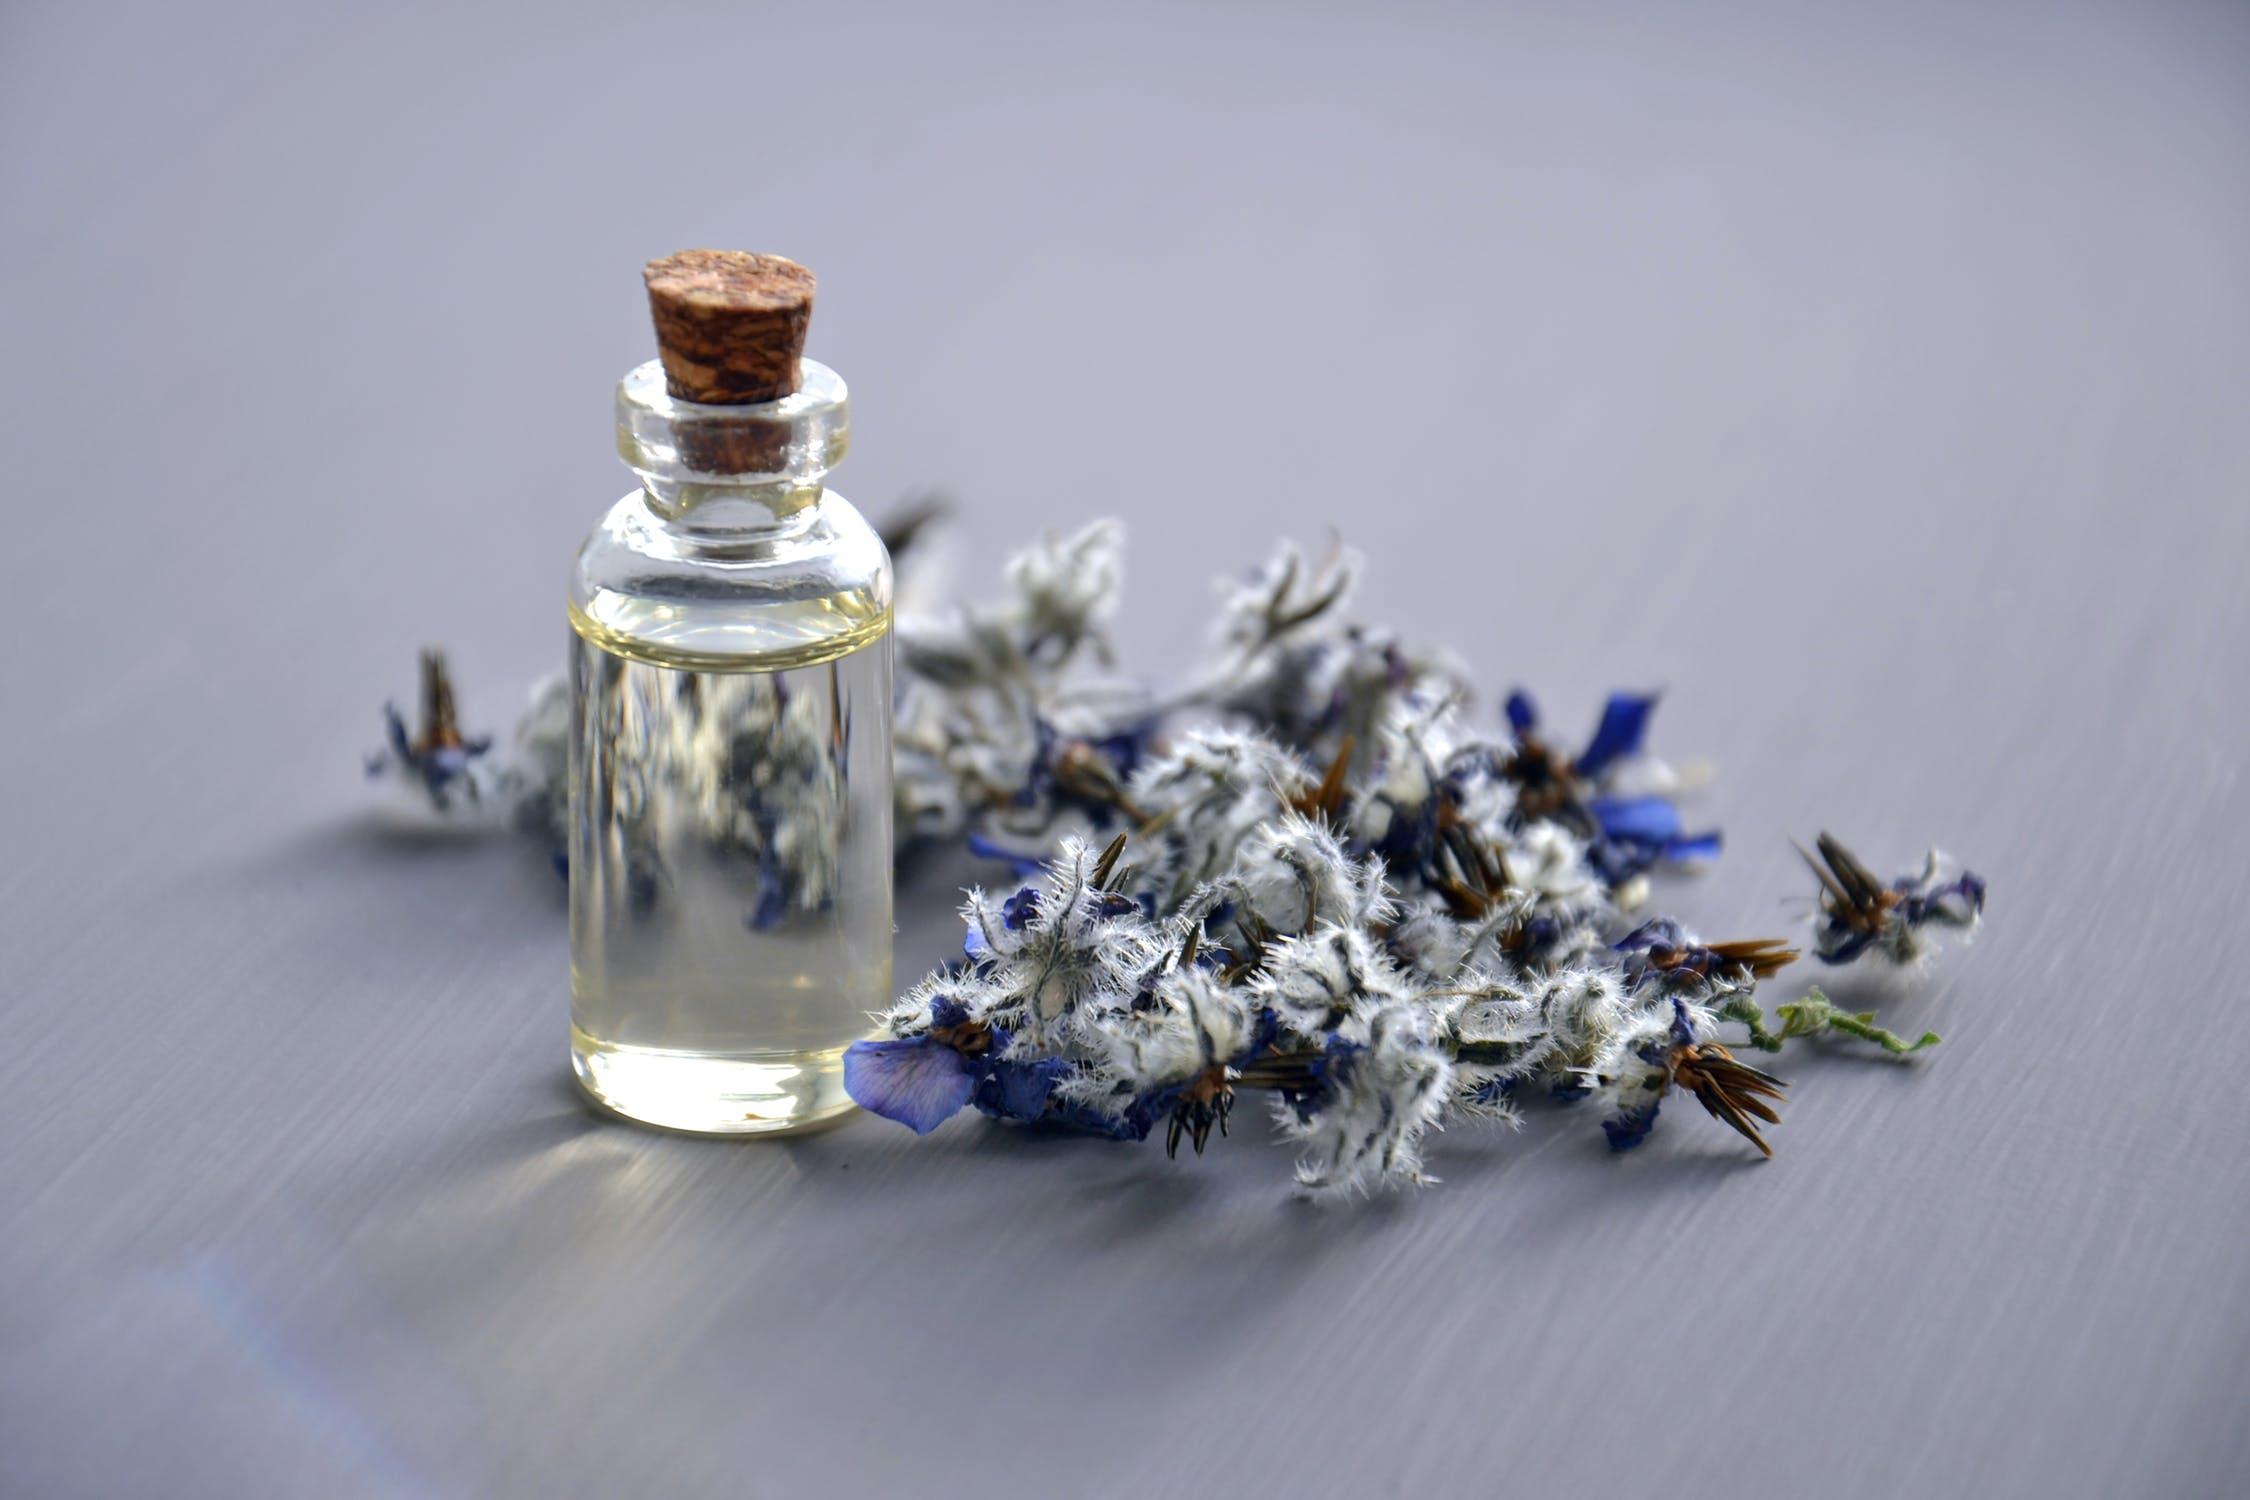 lavcender essential oil